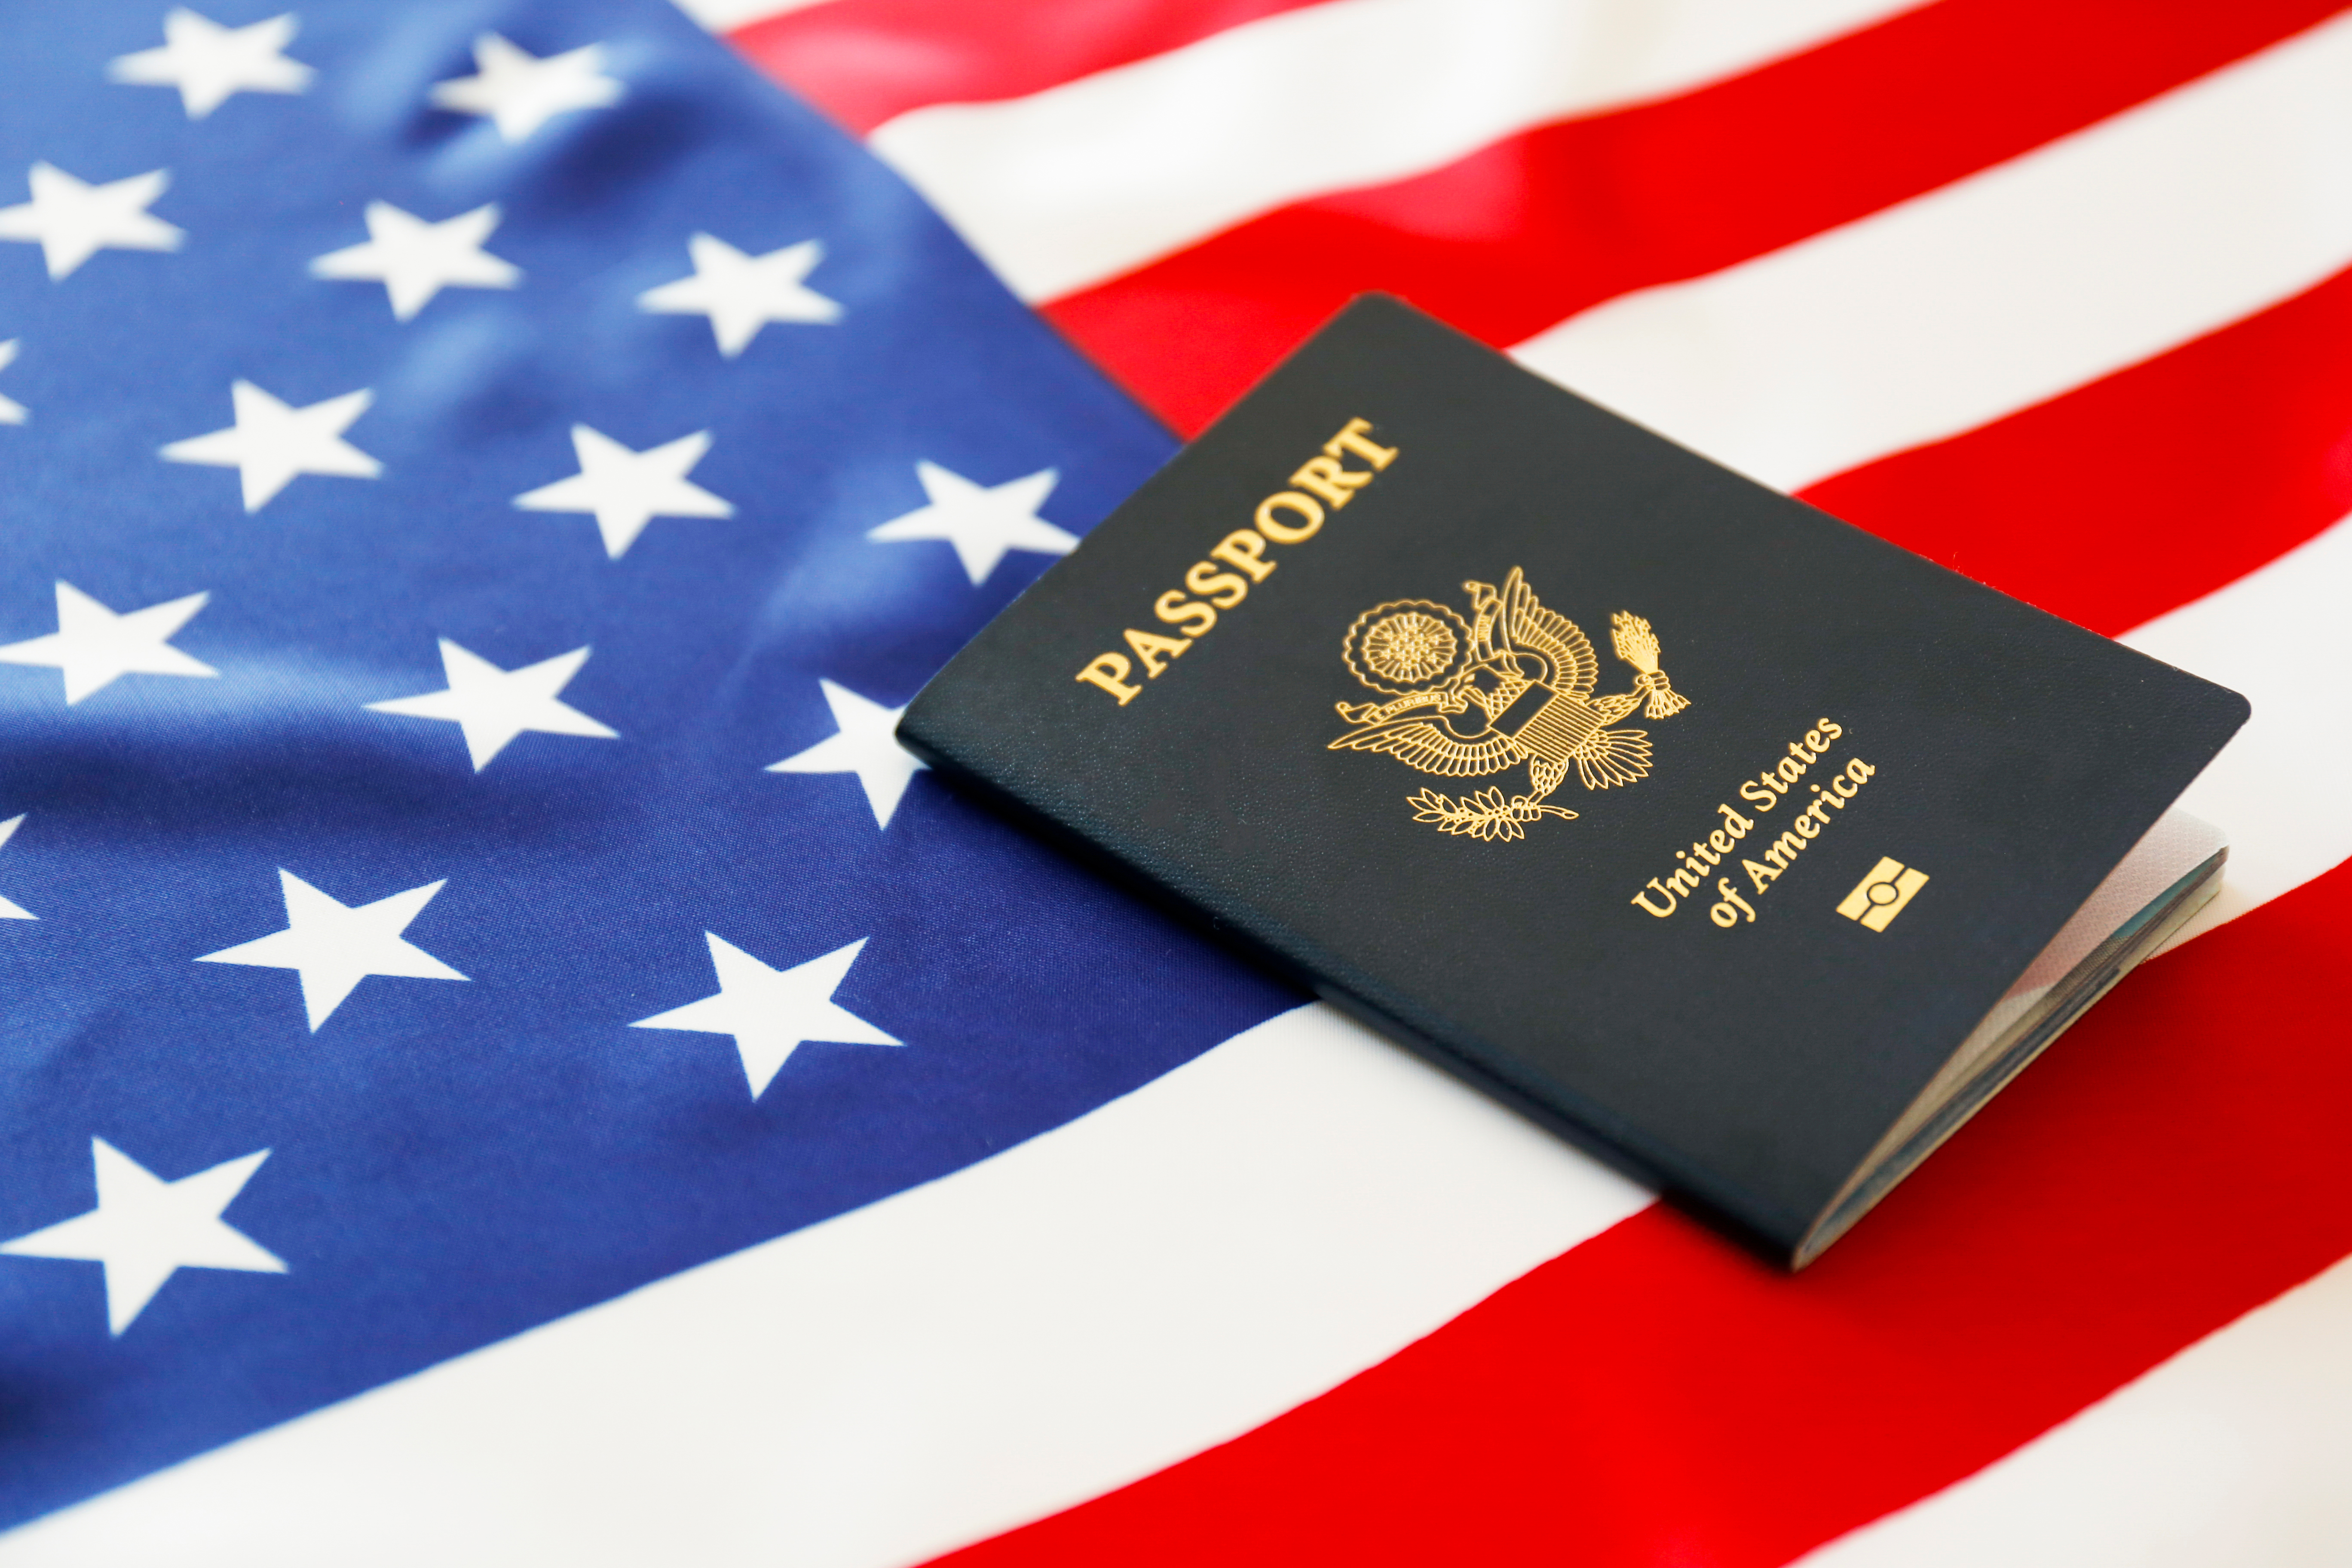 Флаг и паспорт США, гражданство которых можно получить